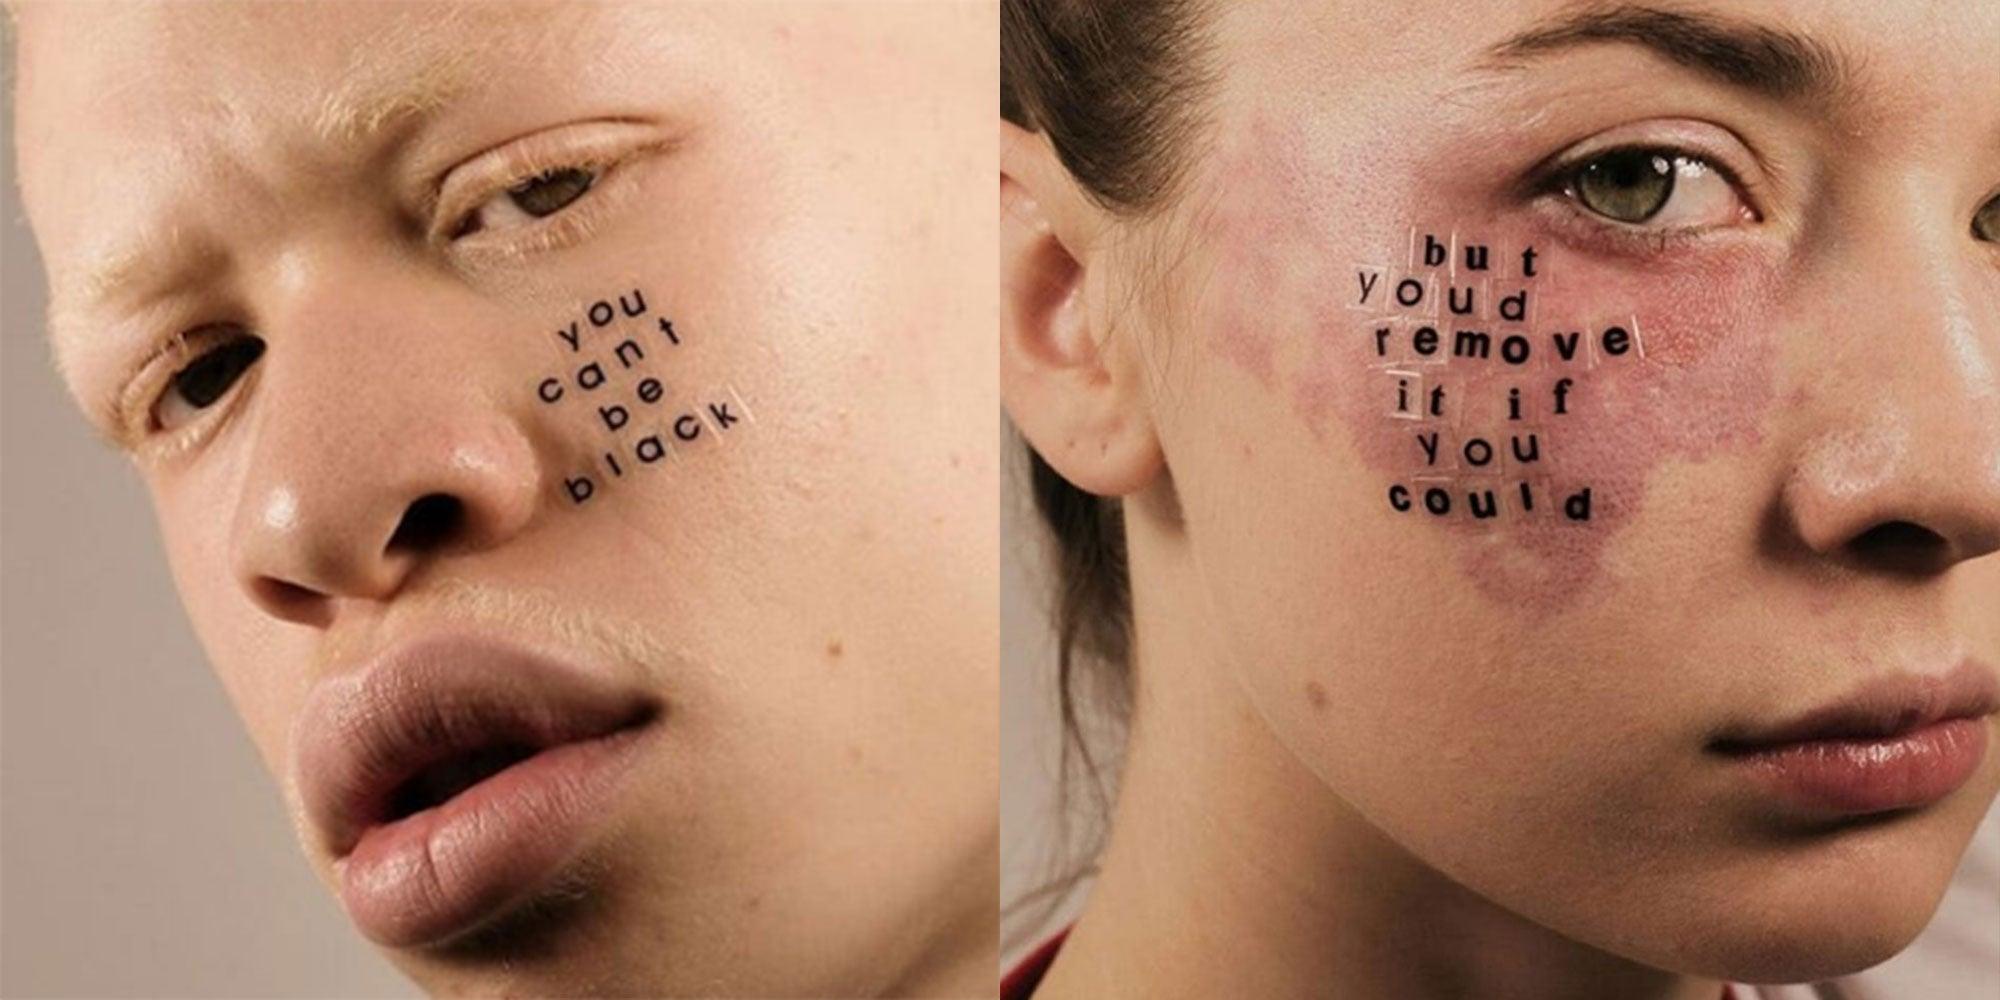 Dwie fotografie: z lewej meżczyzna cierpiący na albinizm z naklejonym na twarzy napisem po angielsku Nie możesz być czarny. Z prawej kobieta z czerwonym znamieniem na twarzy, na którym ma naklejony napis po angielsku Usunęłabyś to, gdybyś mogła.